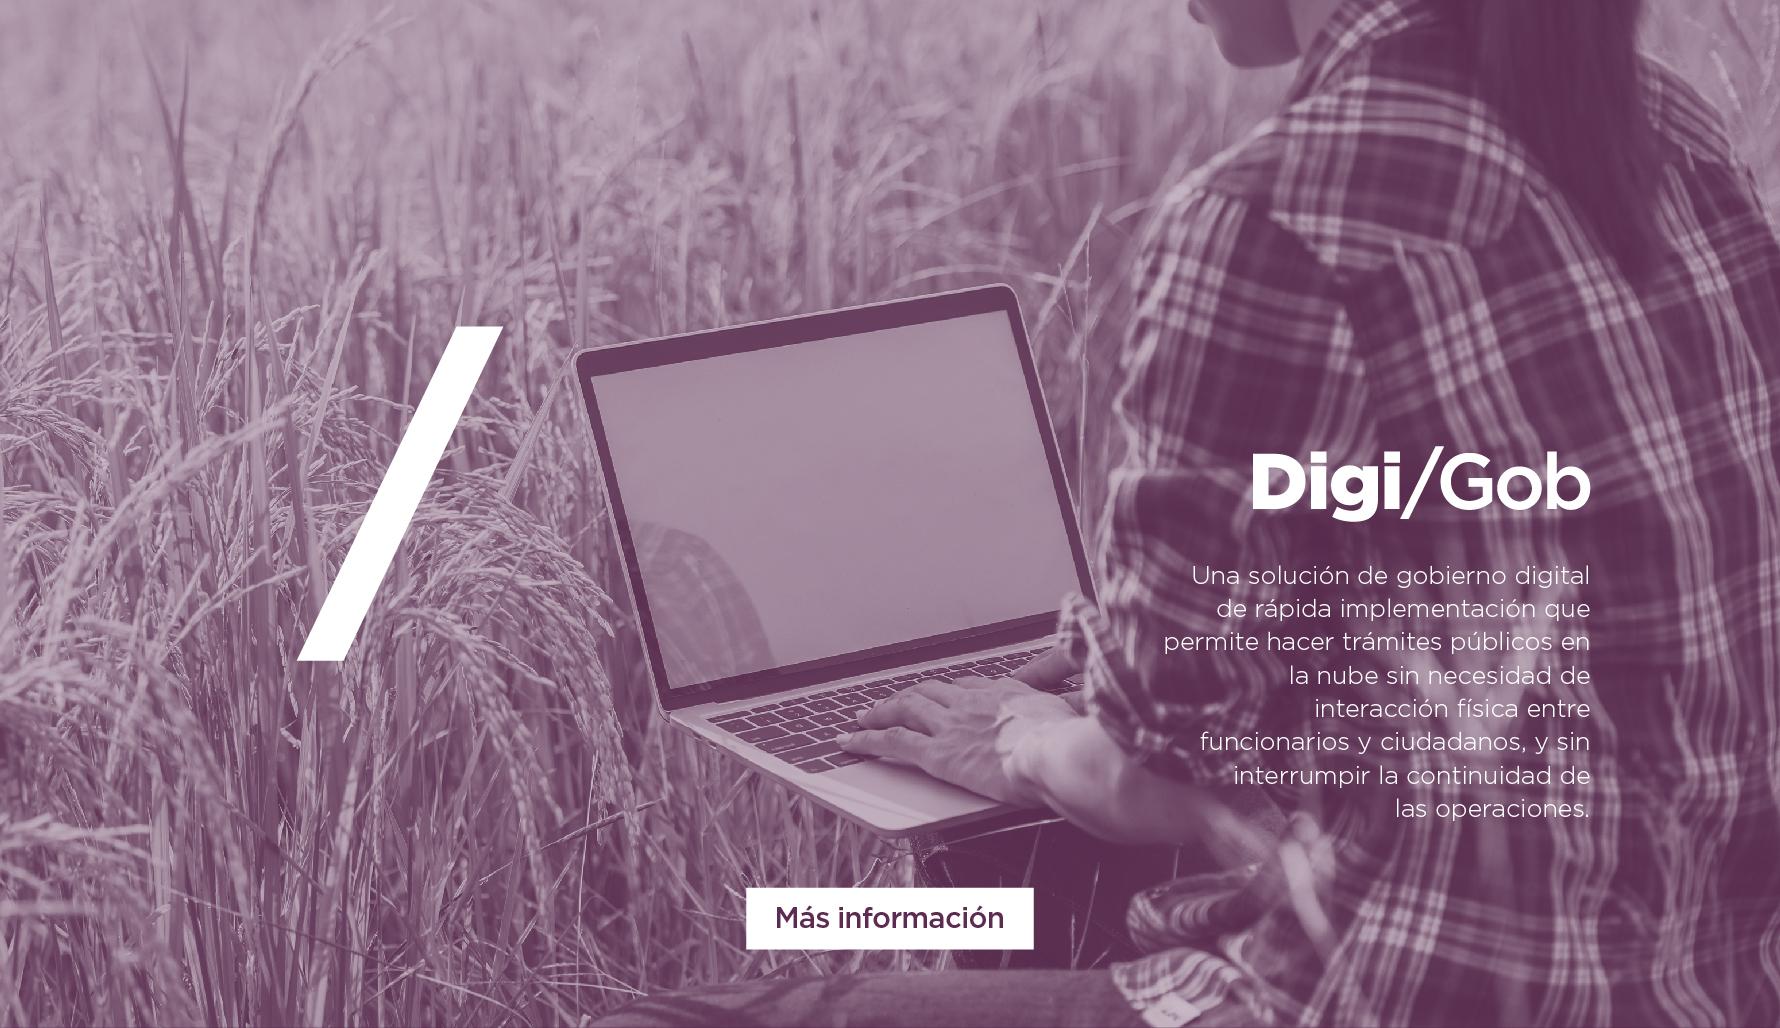 BID, everis NTT Data y Microsoft se unen para soluciones digitales  | EL FRENTE